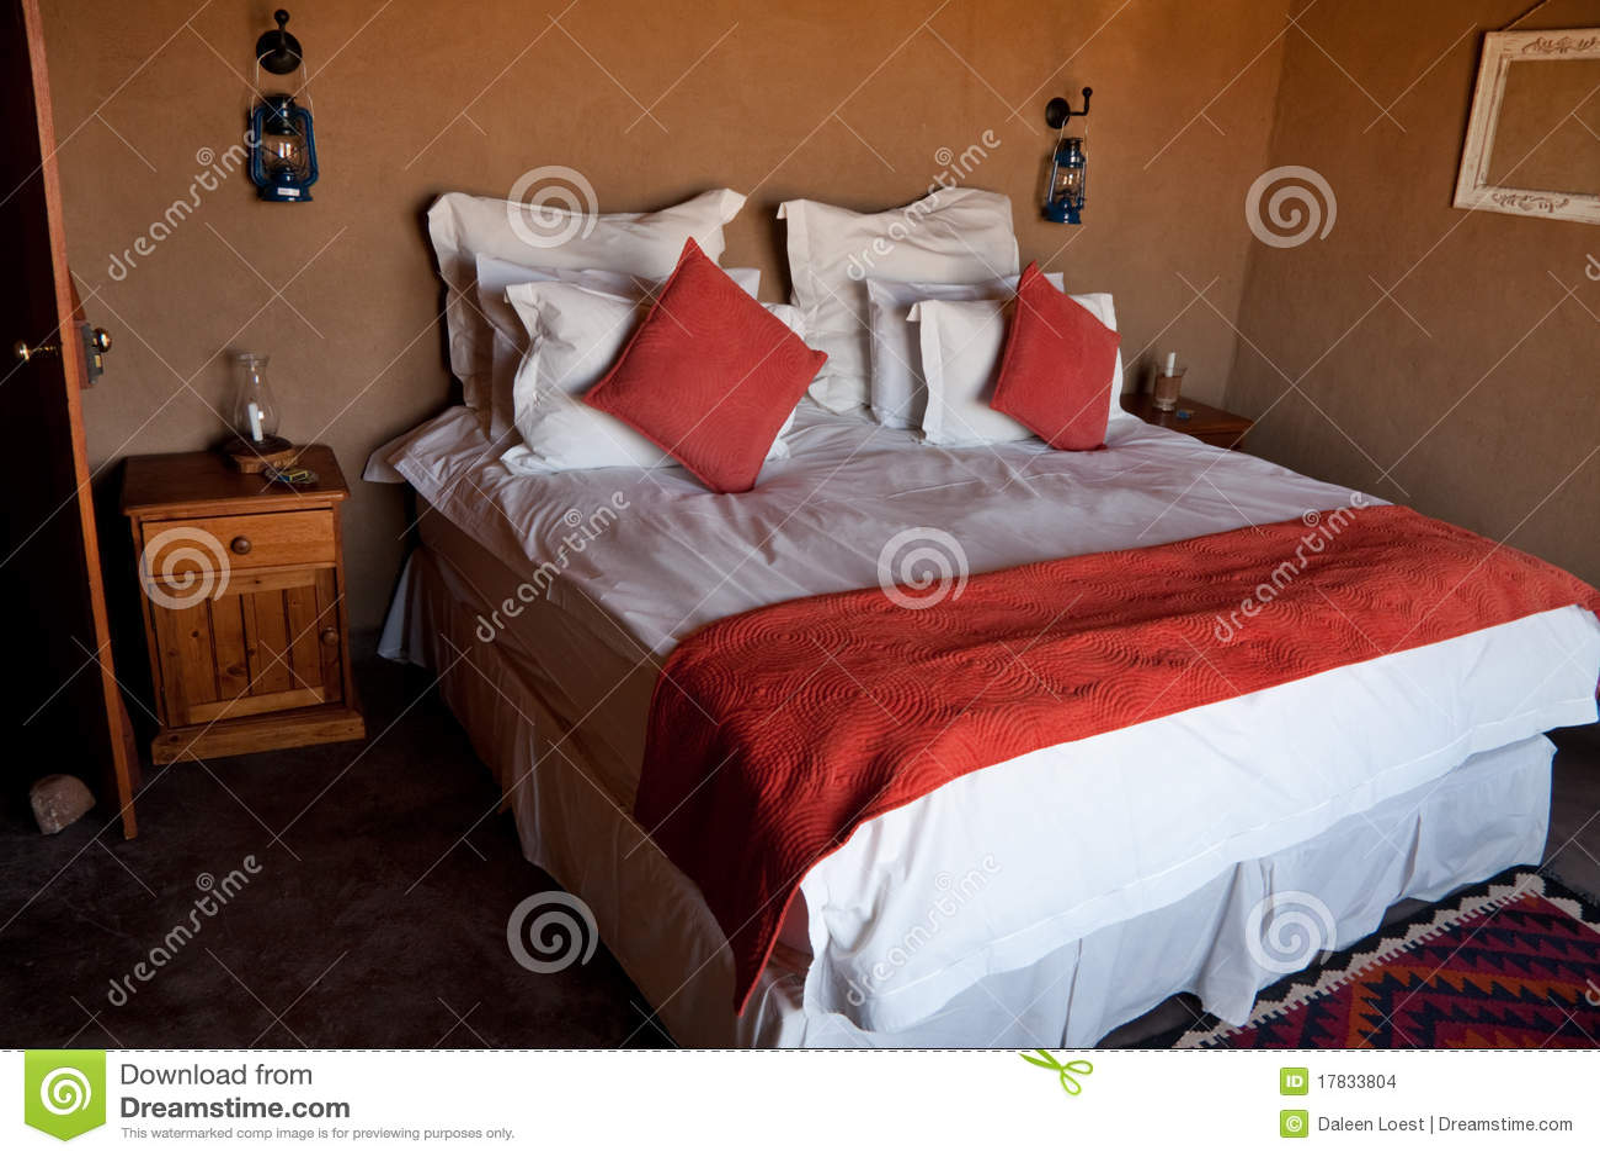 da letto disegno Camera Rustica : La doppia base in camera da letto lussuosa rustica con fango marrone ...